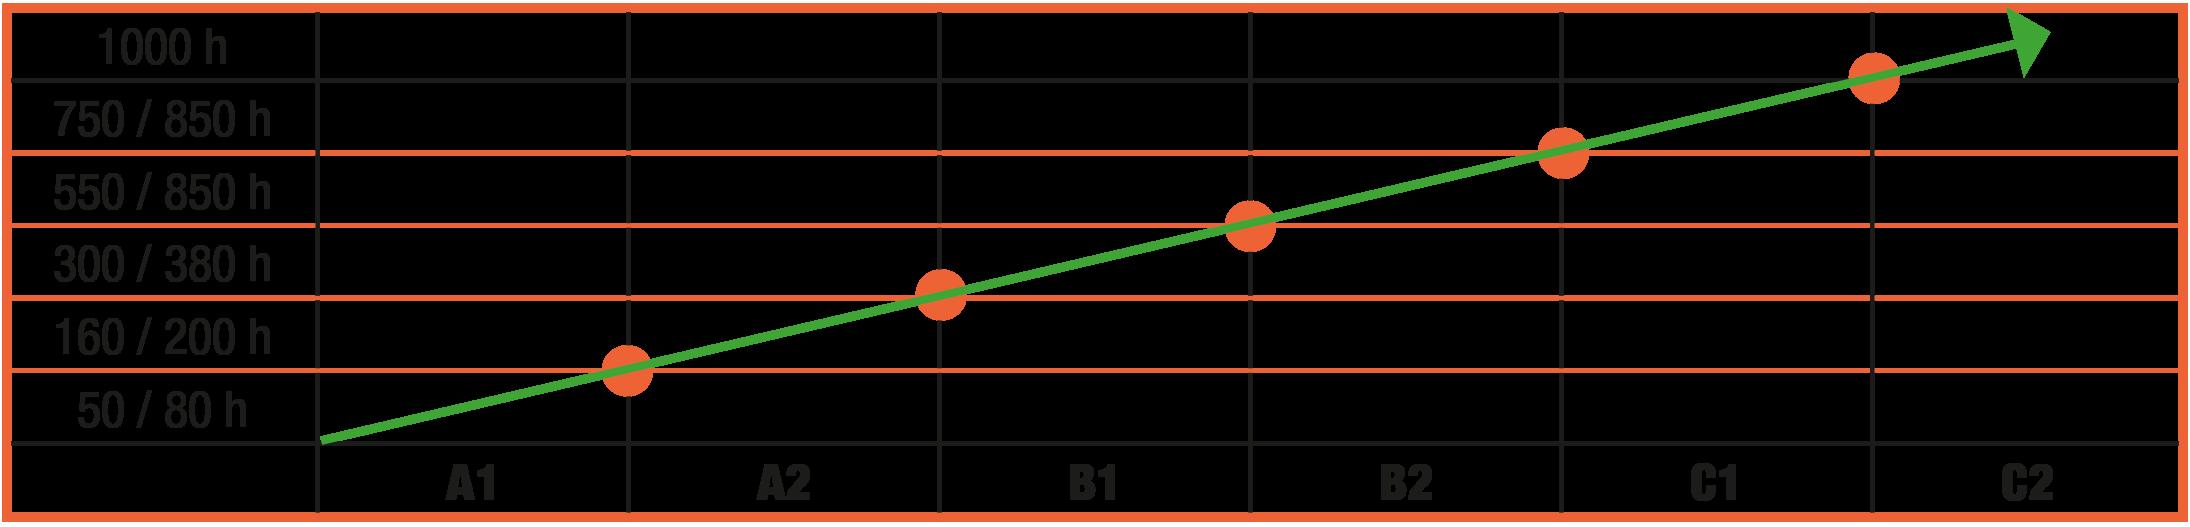 Lernmethode und Sprachniveau - Grafik - CEFR